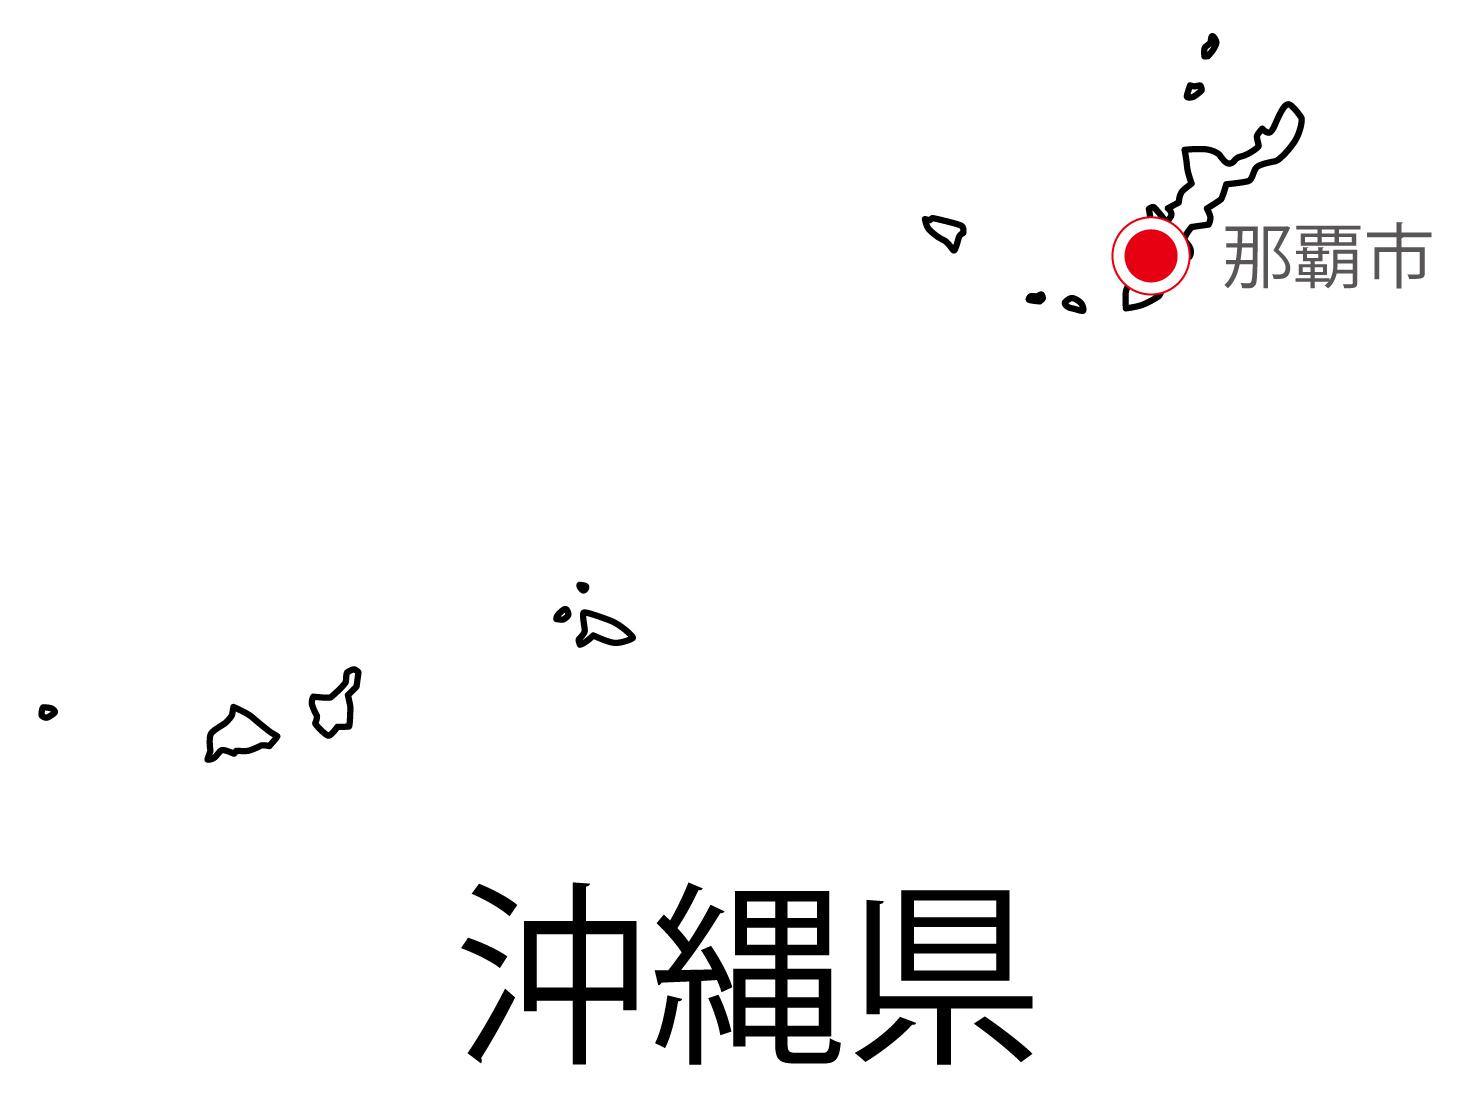 沖縄県無料フリーイラスト|日本語・都道府県名あり・県庁所在地あり(白)